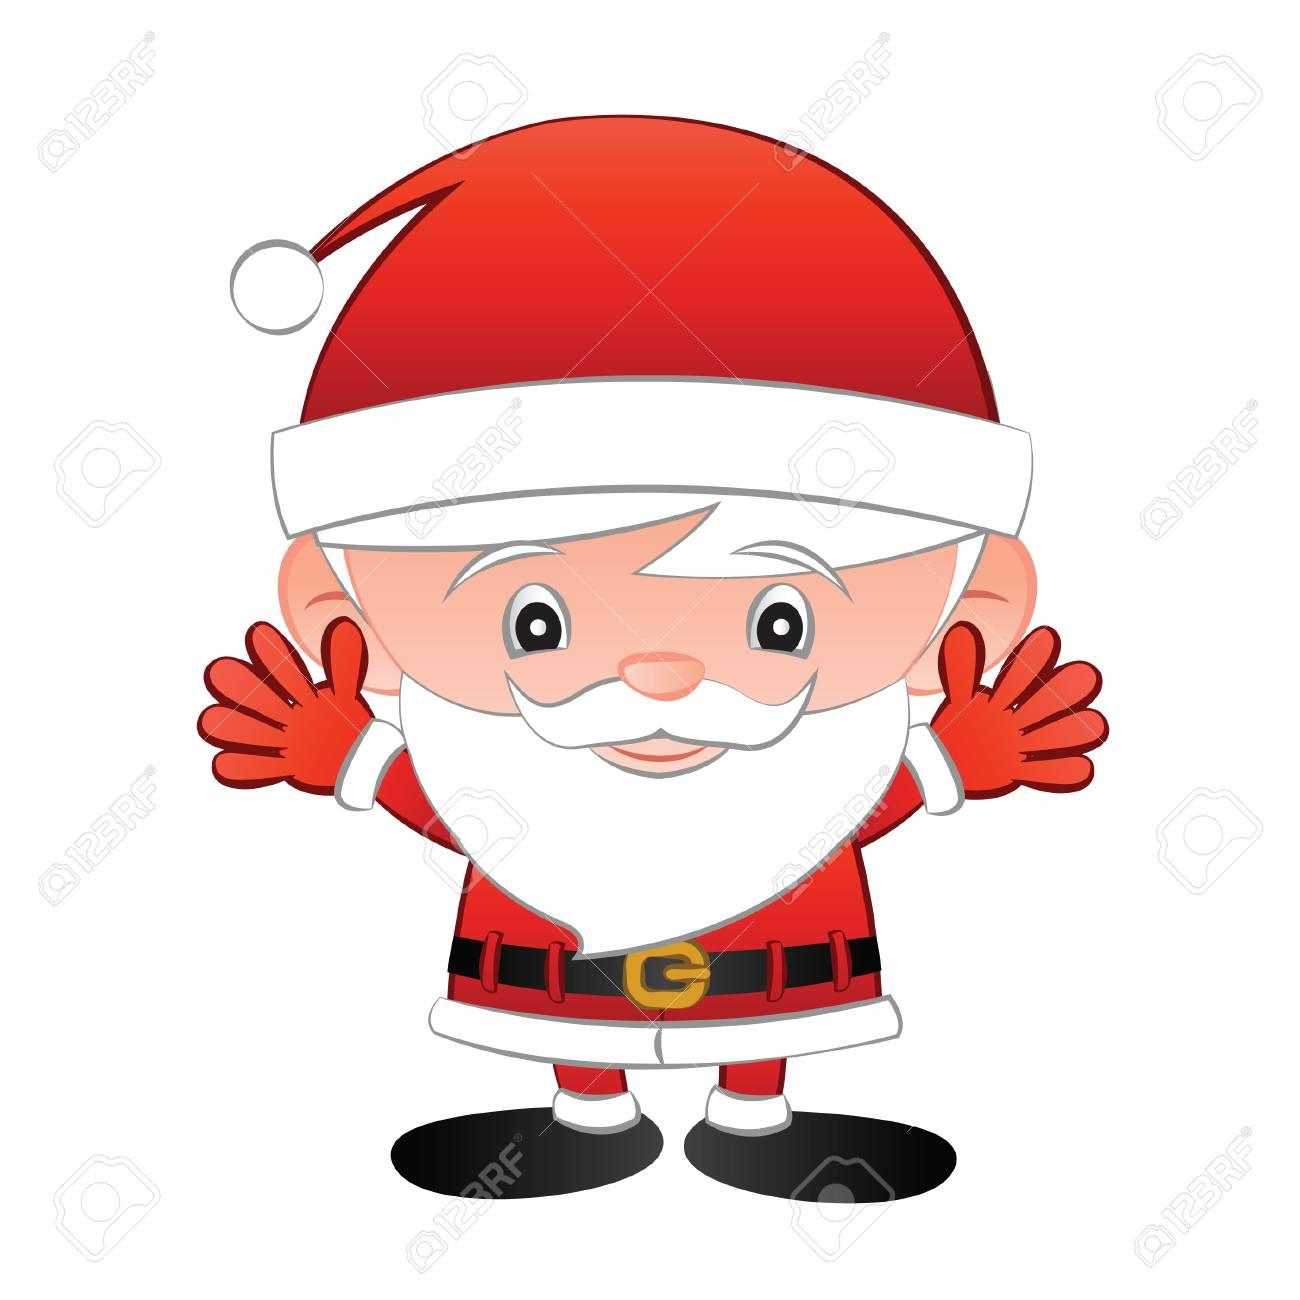 6b9c070862c9a Santa Claus Cartoon Big Head Cute Version